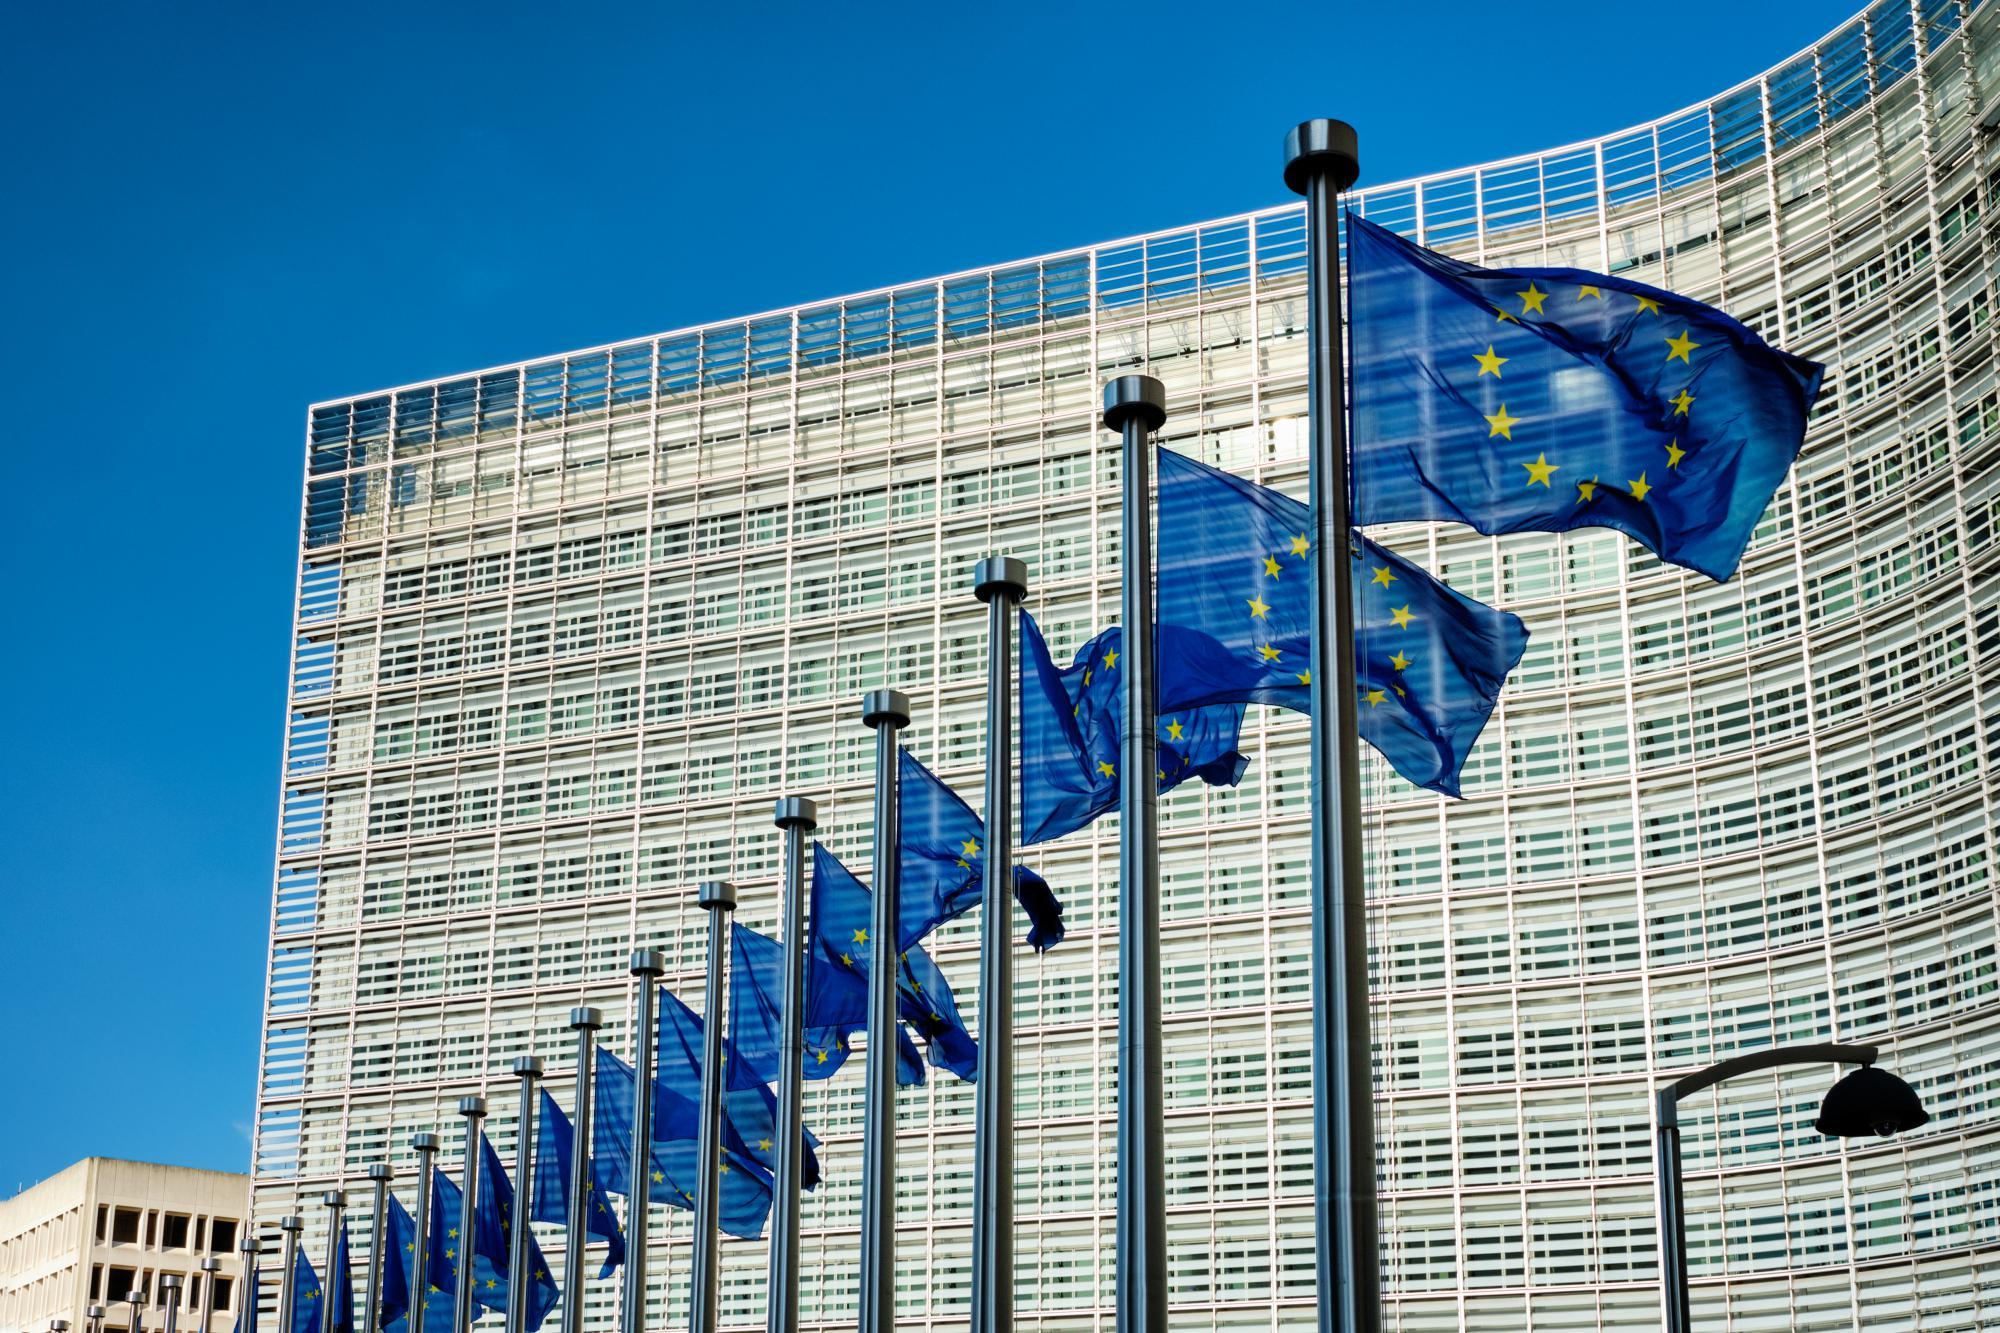 В Европарламенте создан Комитет по налоговым вопросам